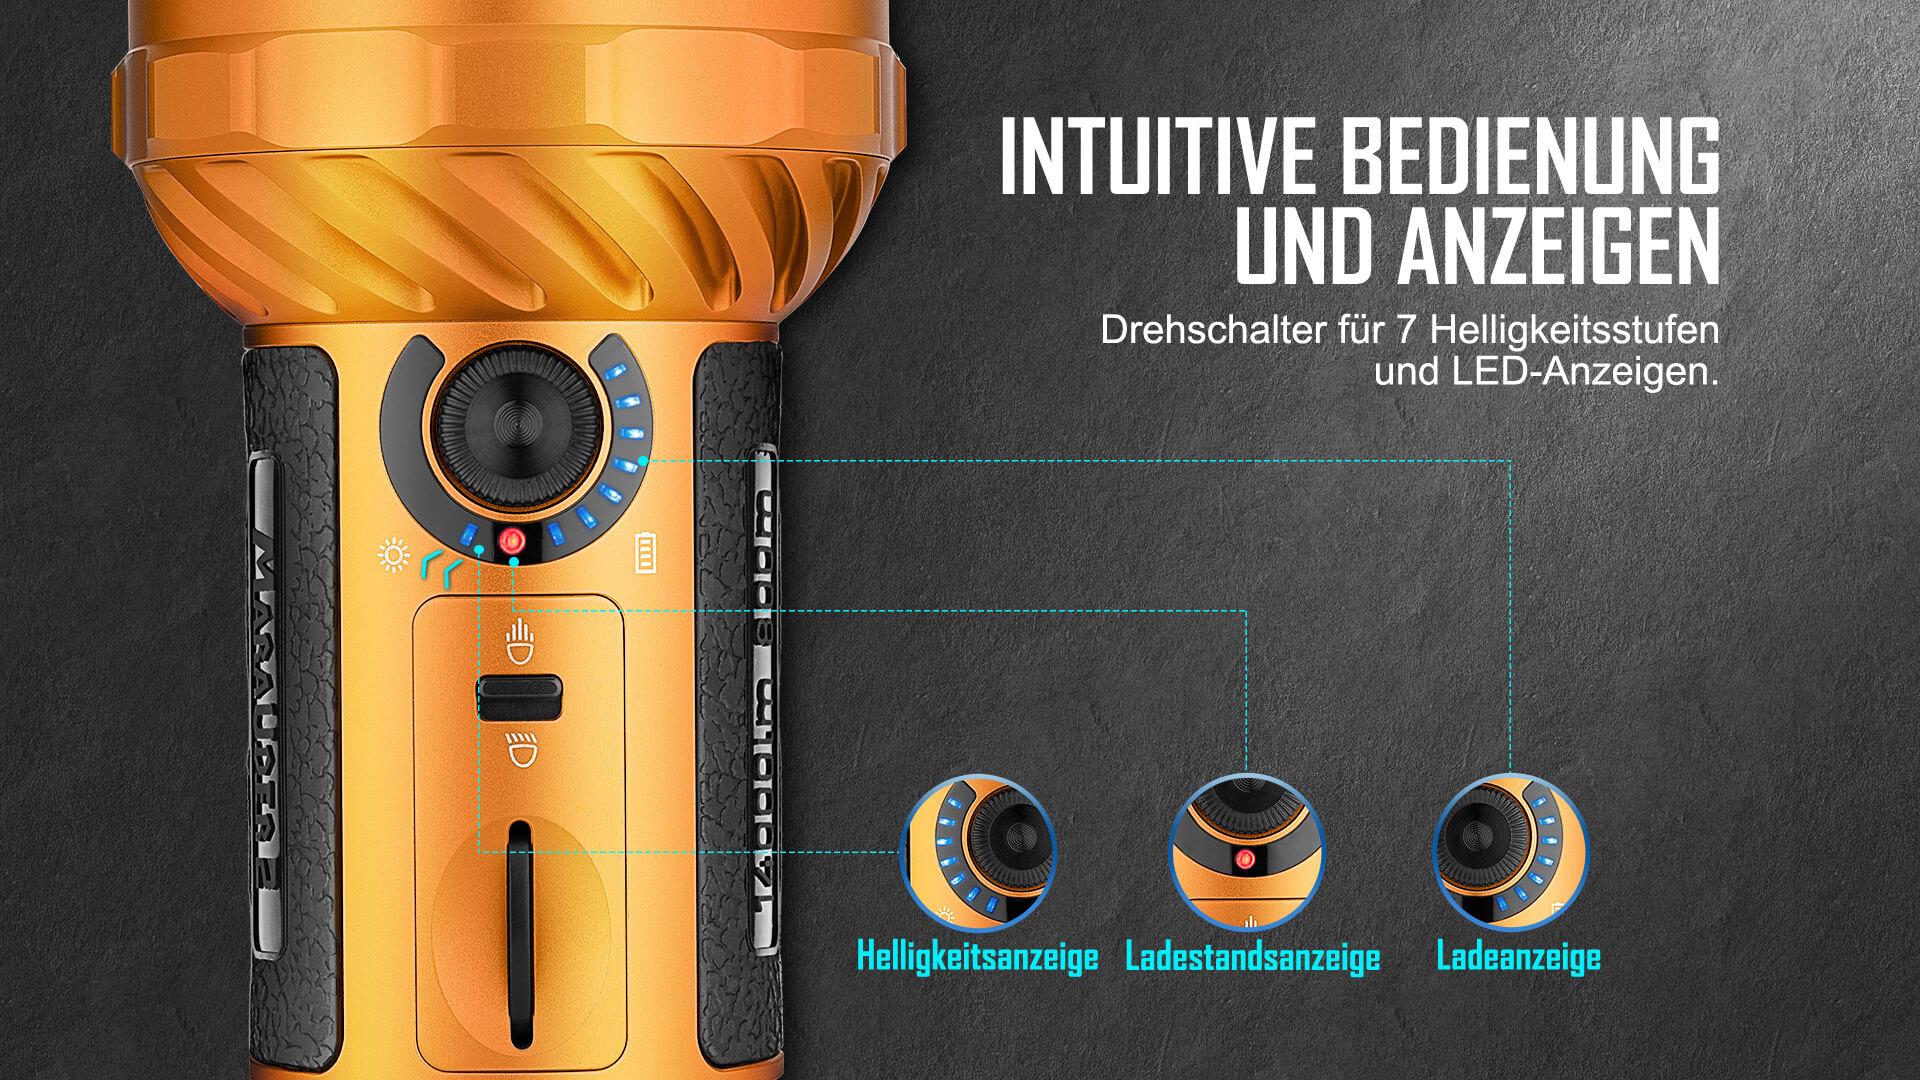 Drehschalter für 7 Helligkeitsstufen und LED-Anzeigen